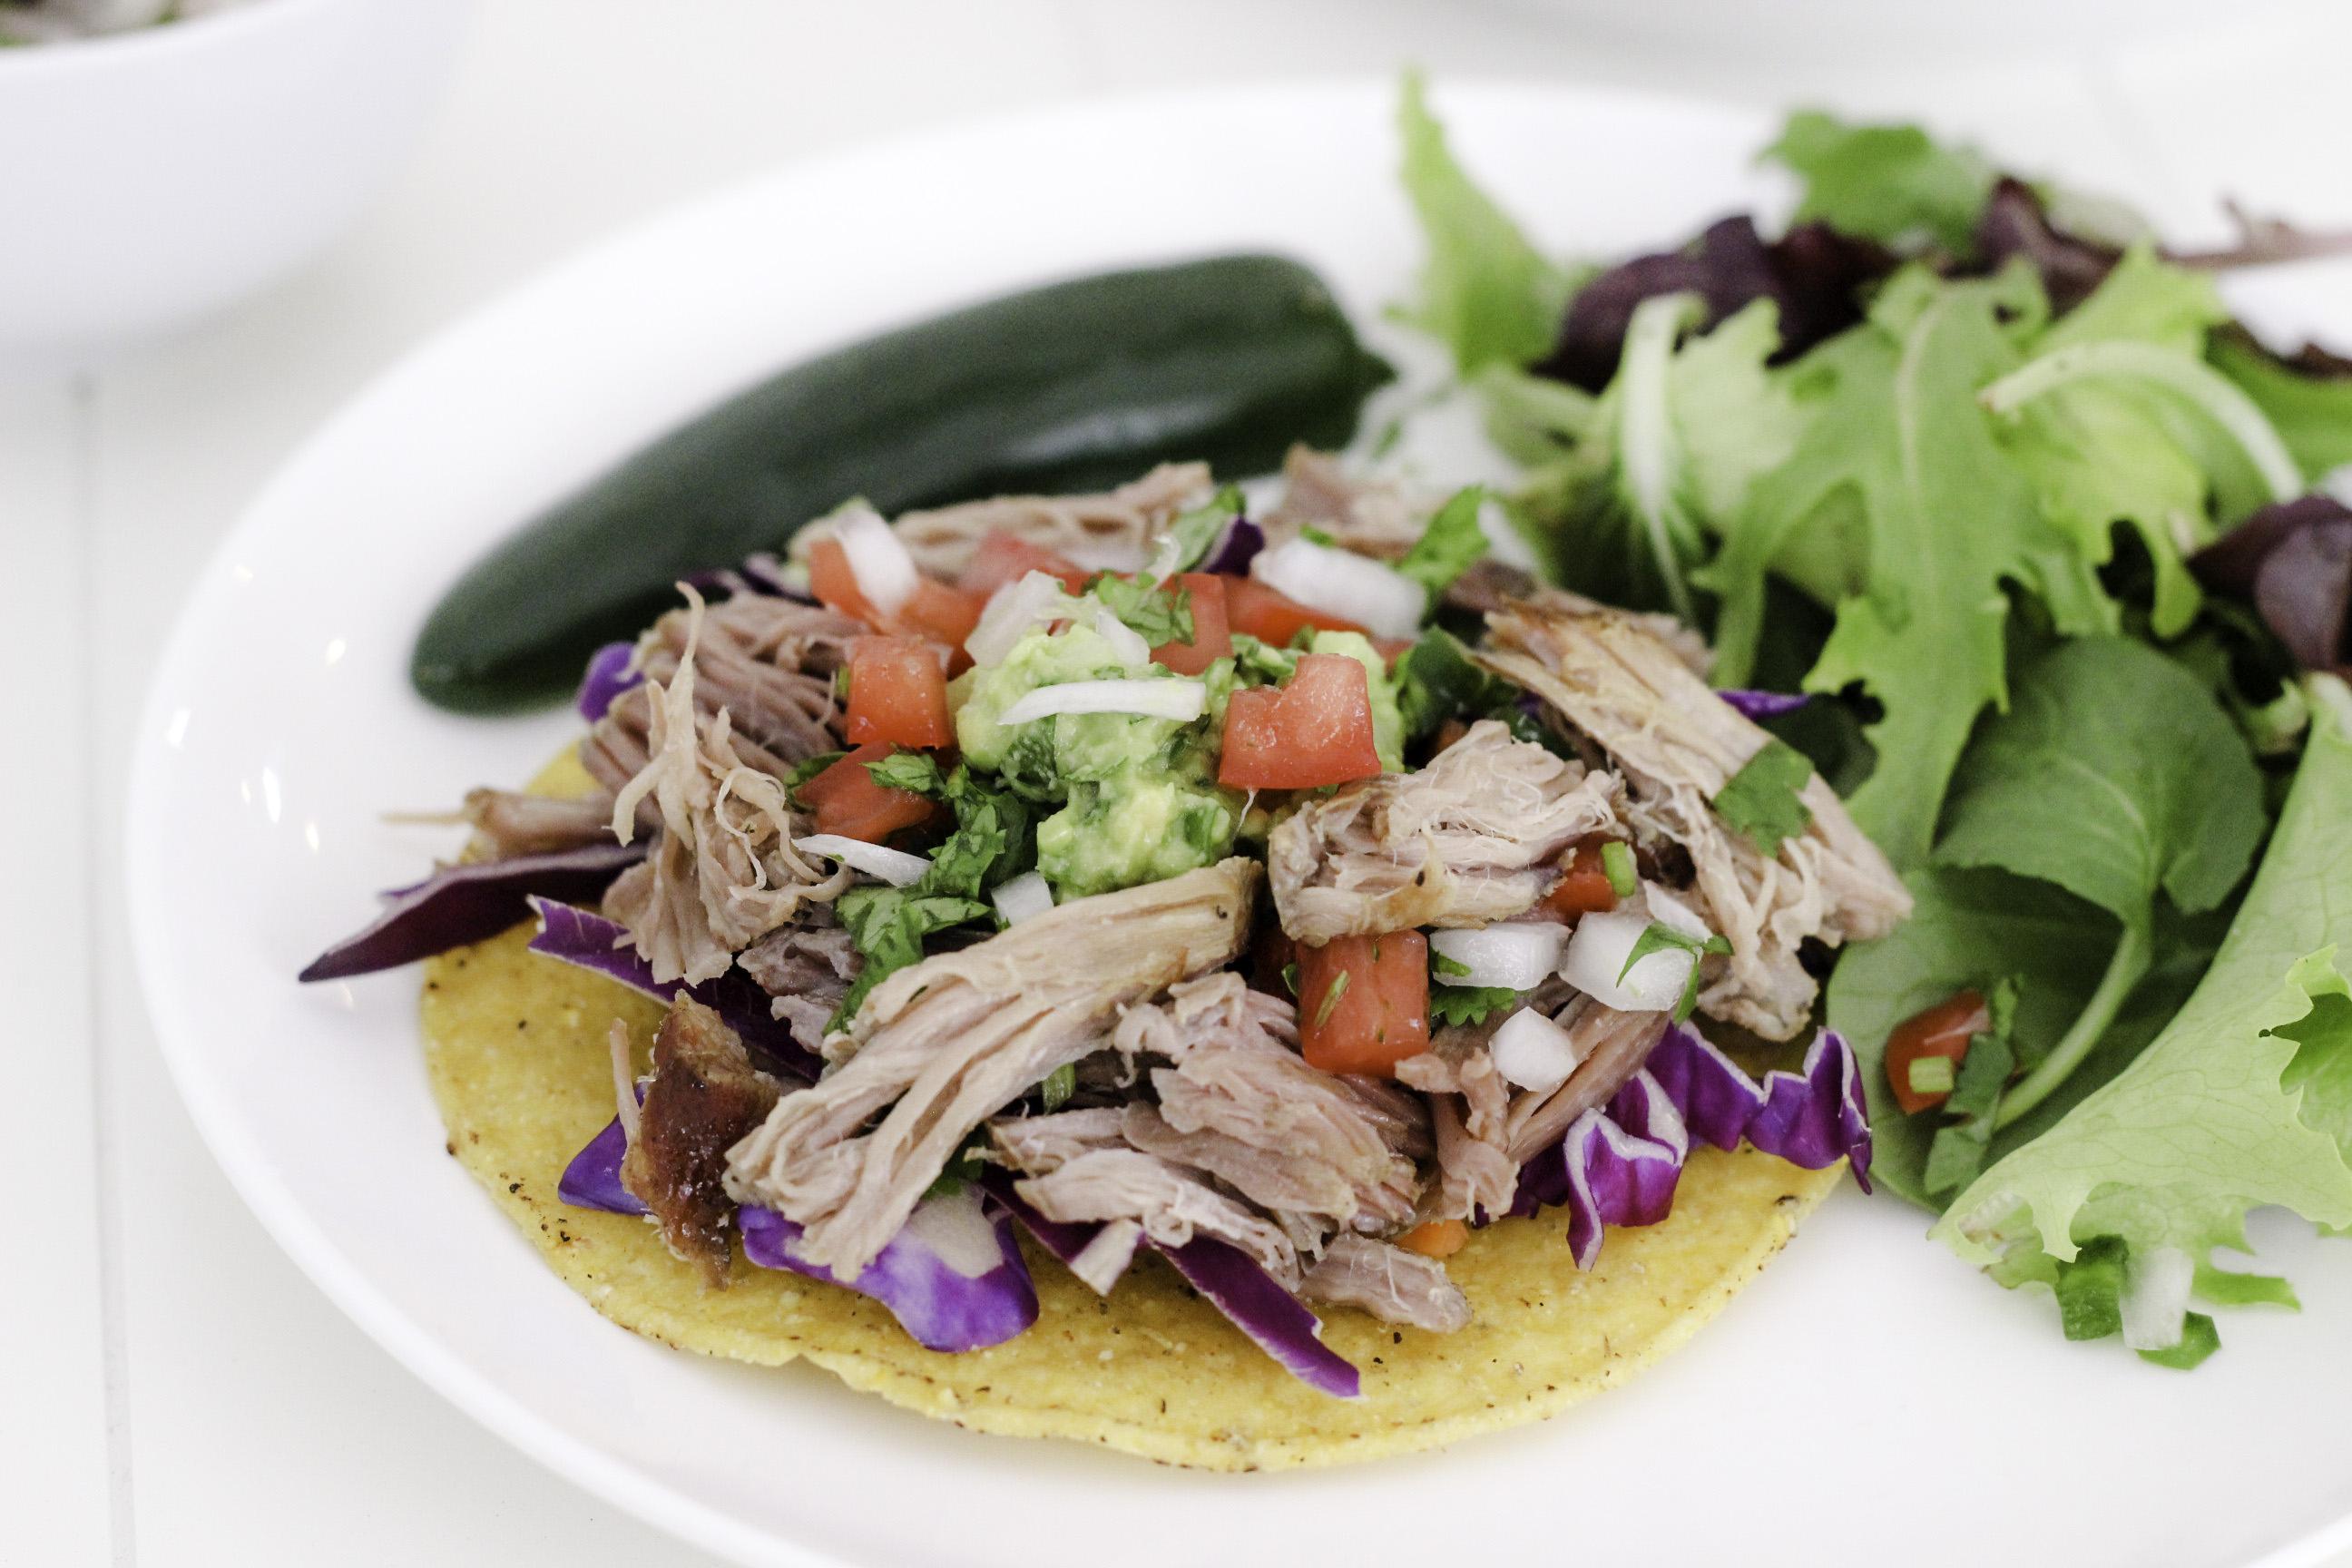 Make dinner easy with this pork carnitas tostadas recipe